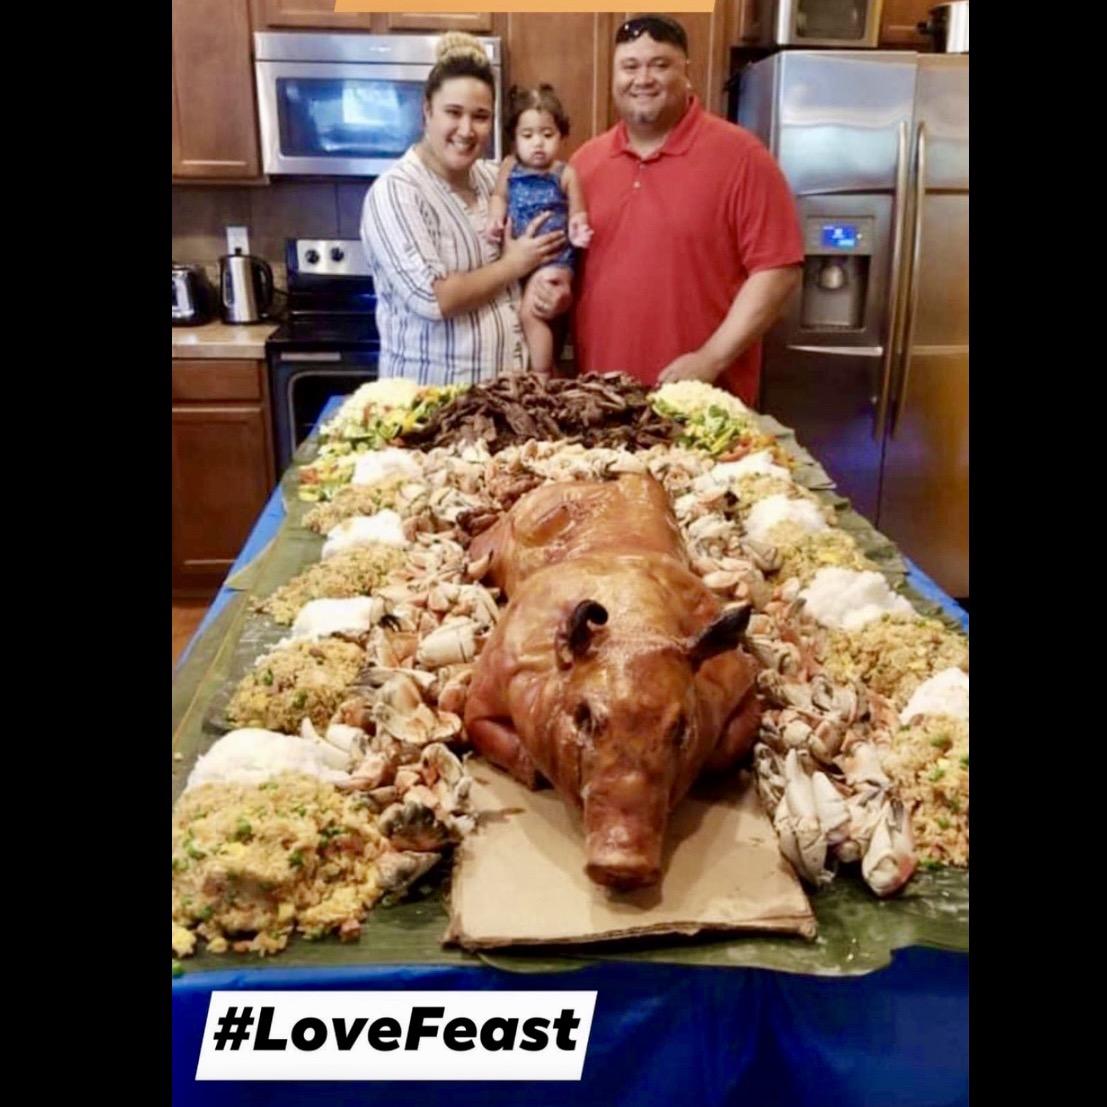 ❤️❤️❤️ LOVE FEAST ❤️❤️❤️ #LoveFeast